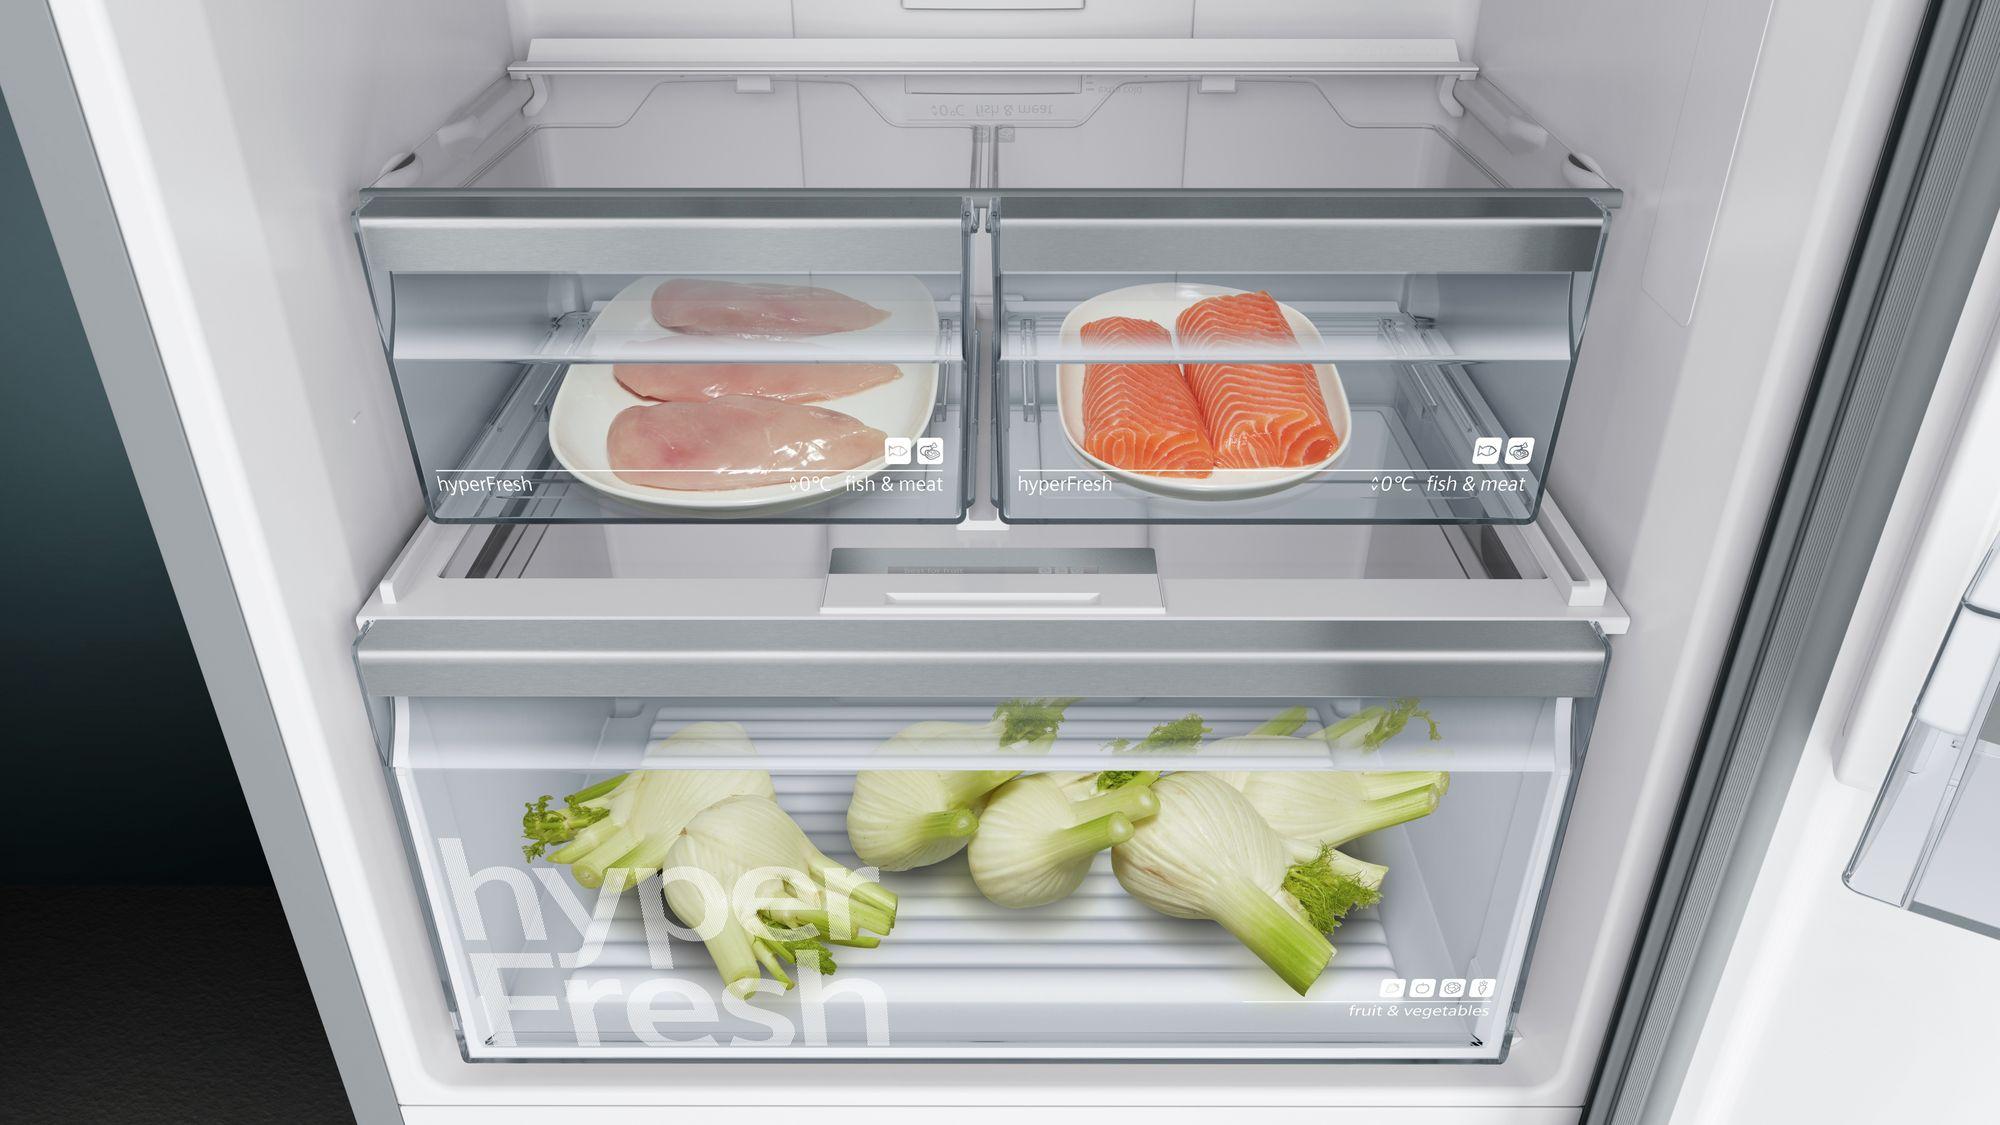 Siemens Kühlschrank No Frost : Siemens iq300 kühl gefrier kombination türen edelstahl nofrost